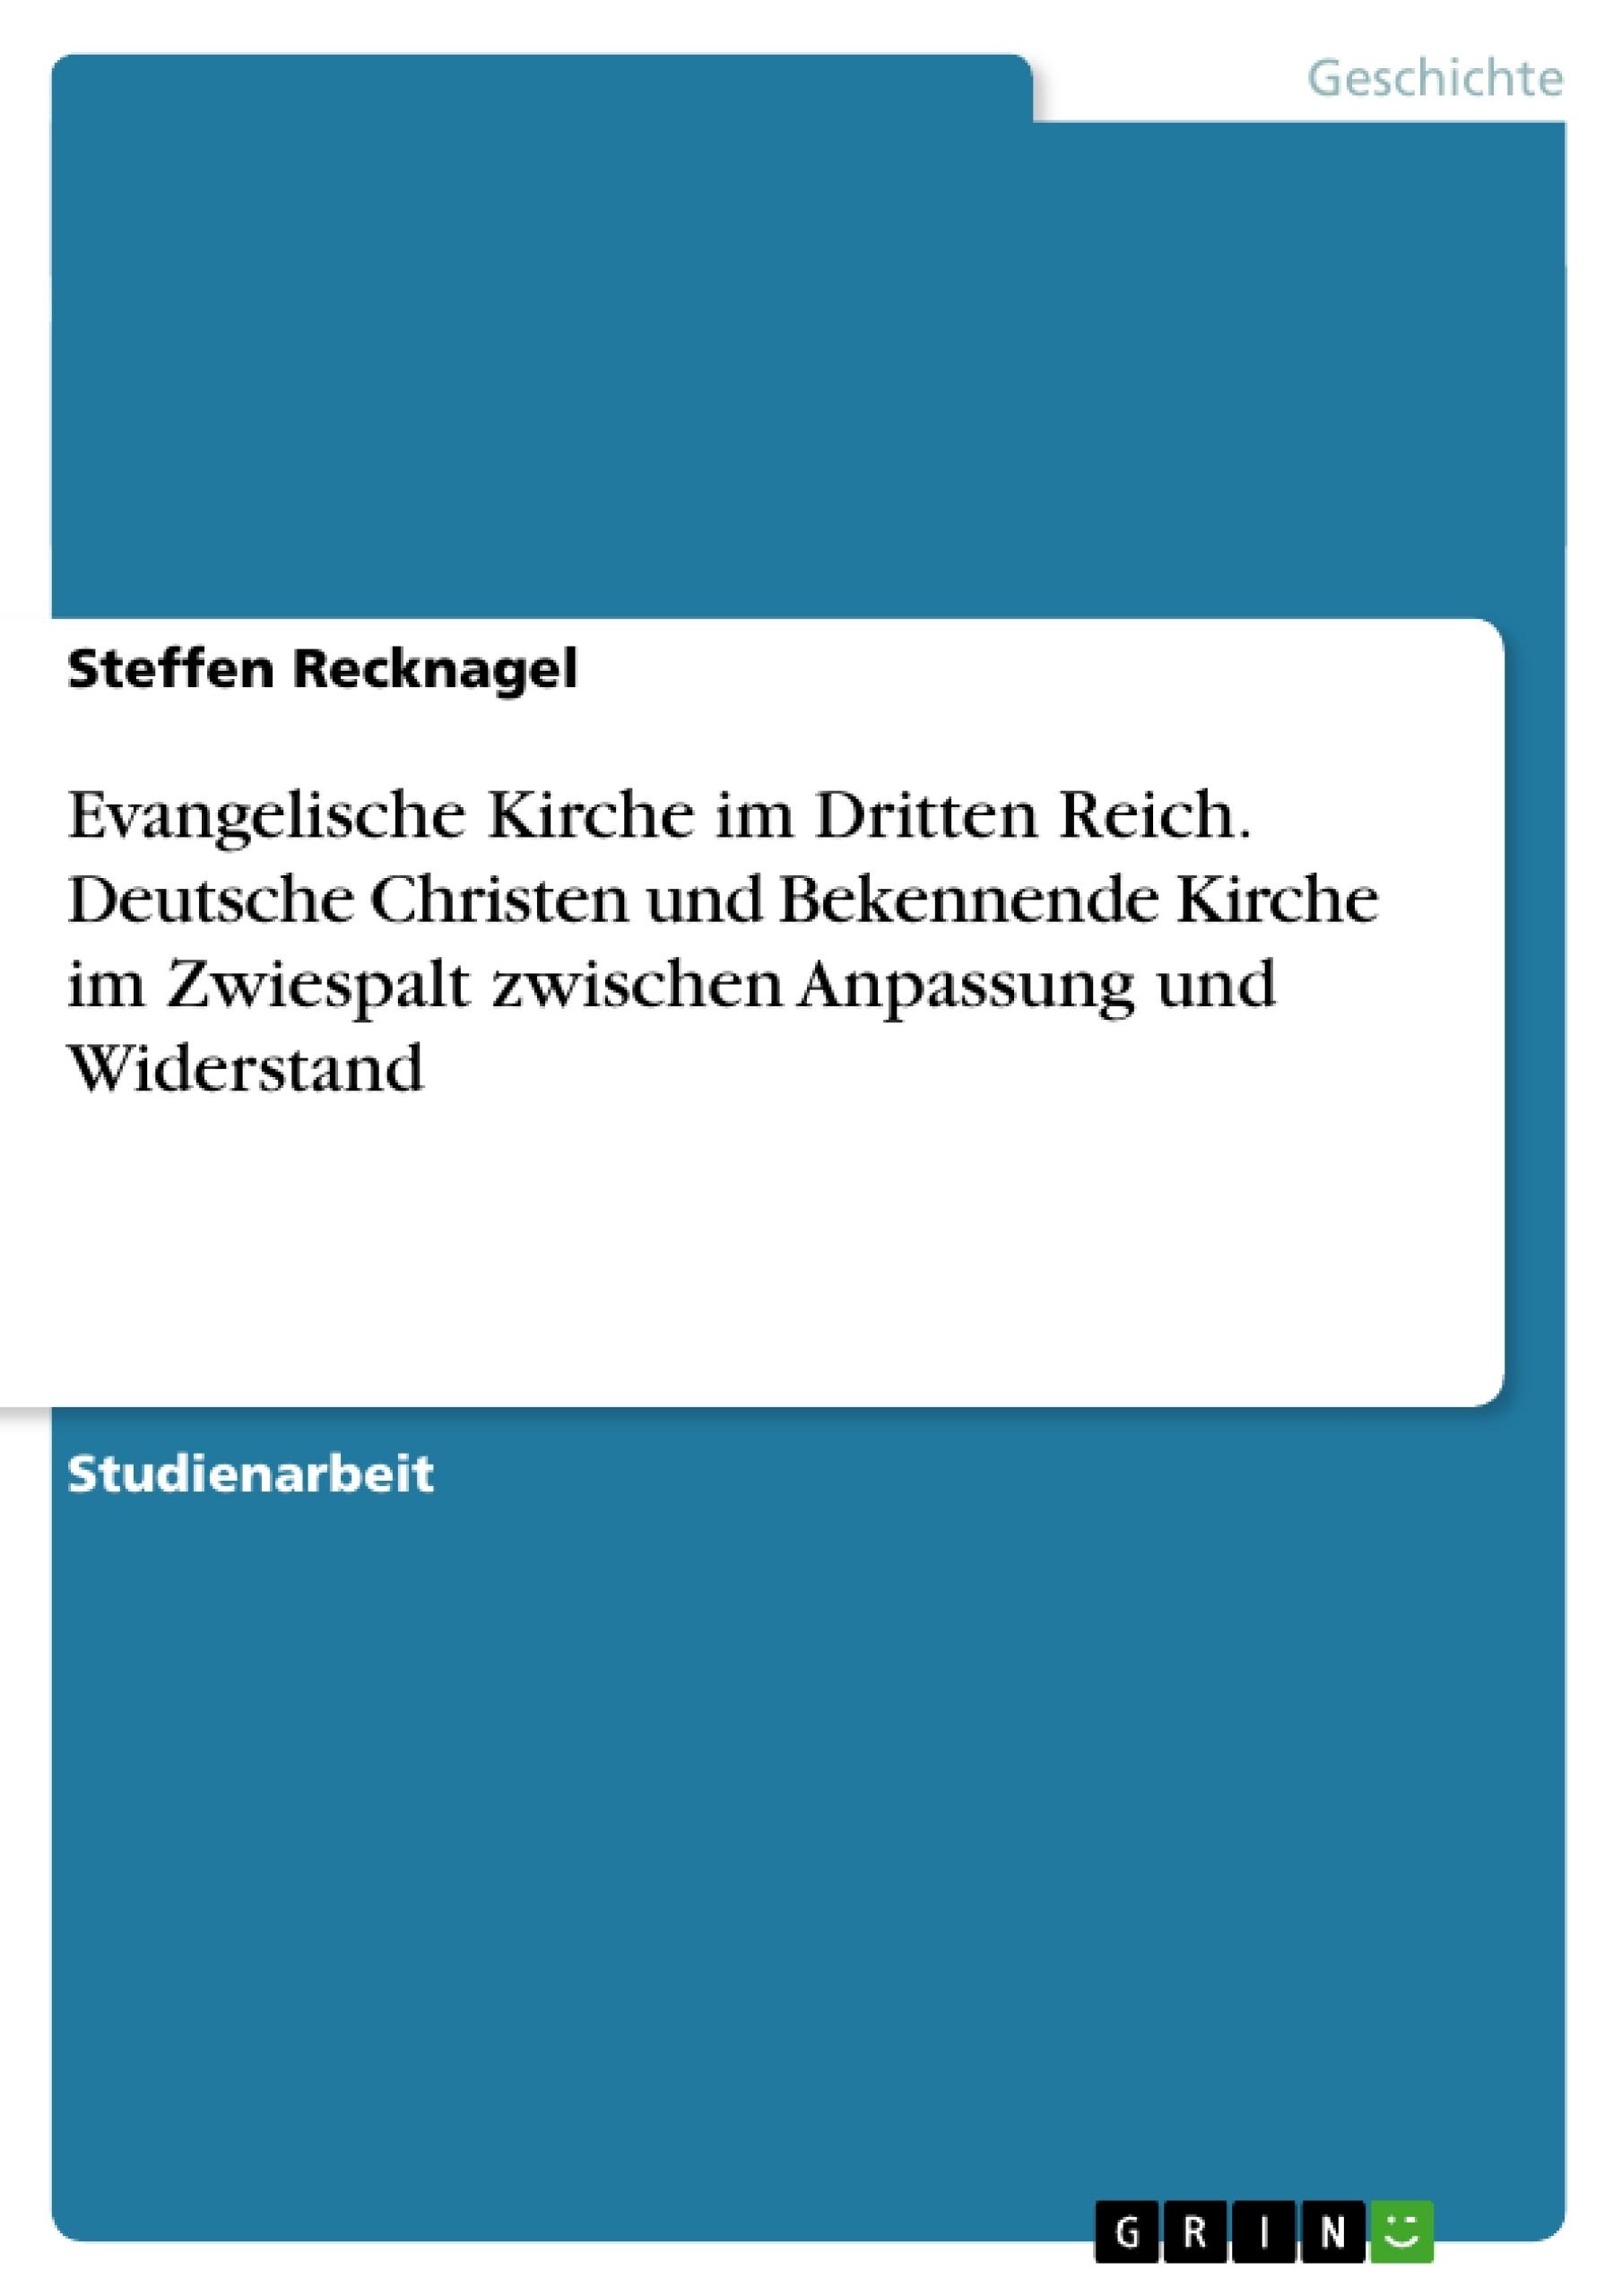 Titel: Evangelische Kirche im Dritten Reich. Deutsche Christen und Bekennende Kirche im Zwiespalt zwischen Anpassung und Widerstand